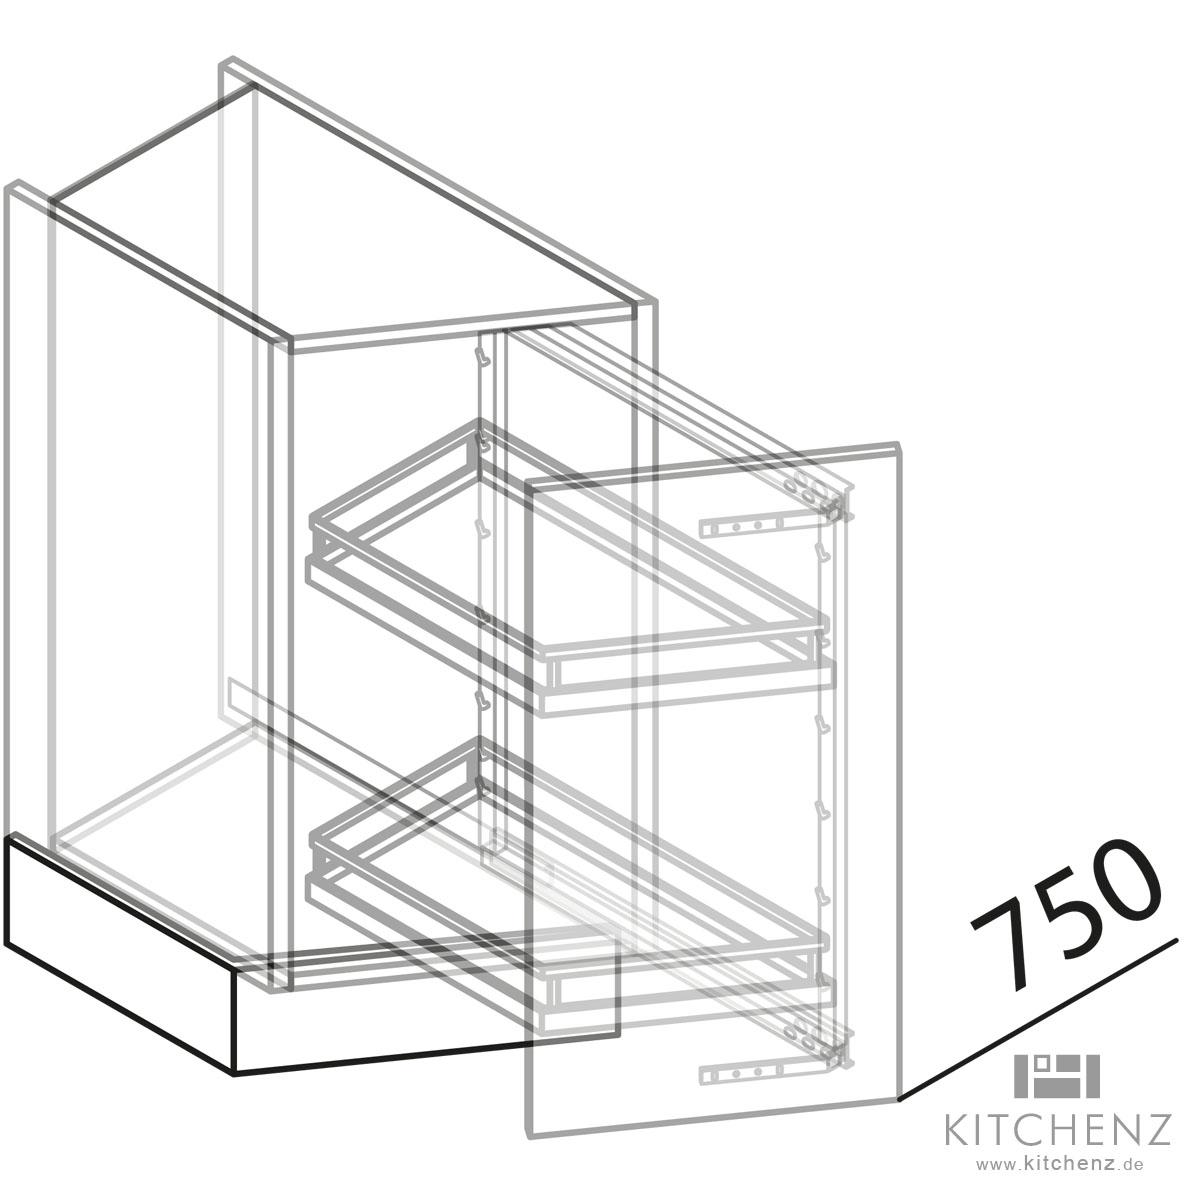 Full Size of Nolte Kchen Diagonalschrank Uvsk30 Gnstig Kaufen Schlafzimmer Betten Küche Apothekerschrank Wohnzimmer Nolte Apothekerschrank